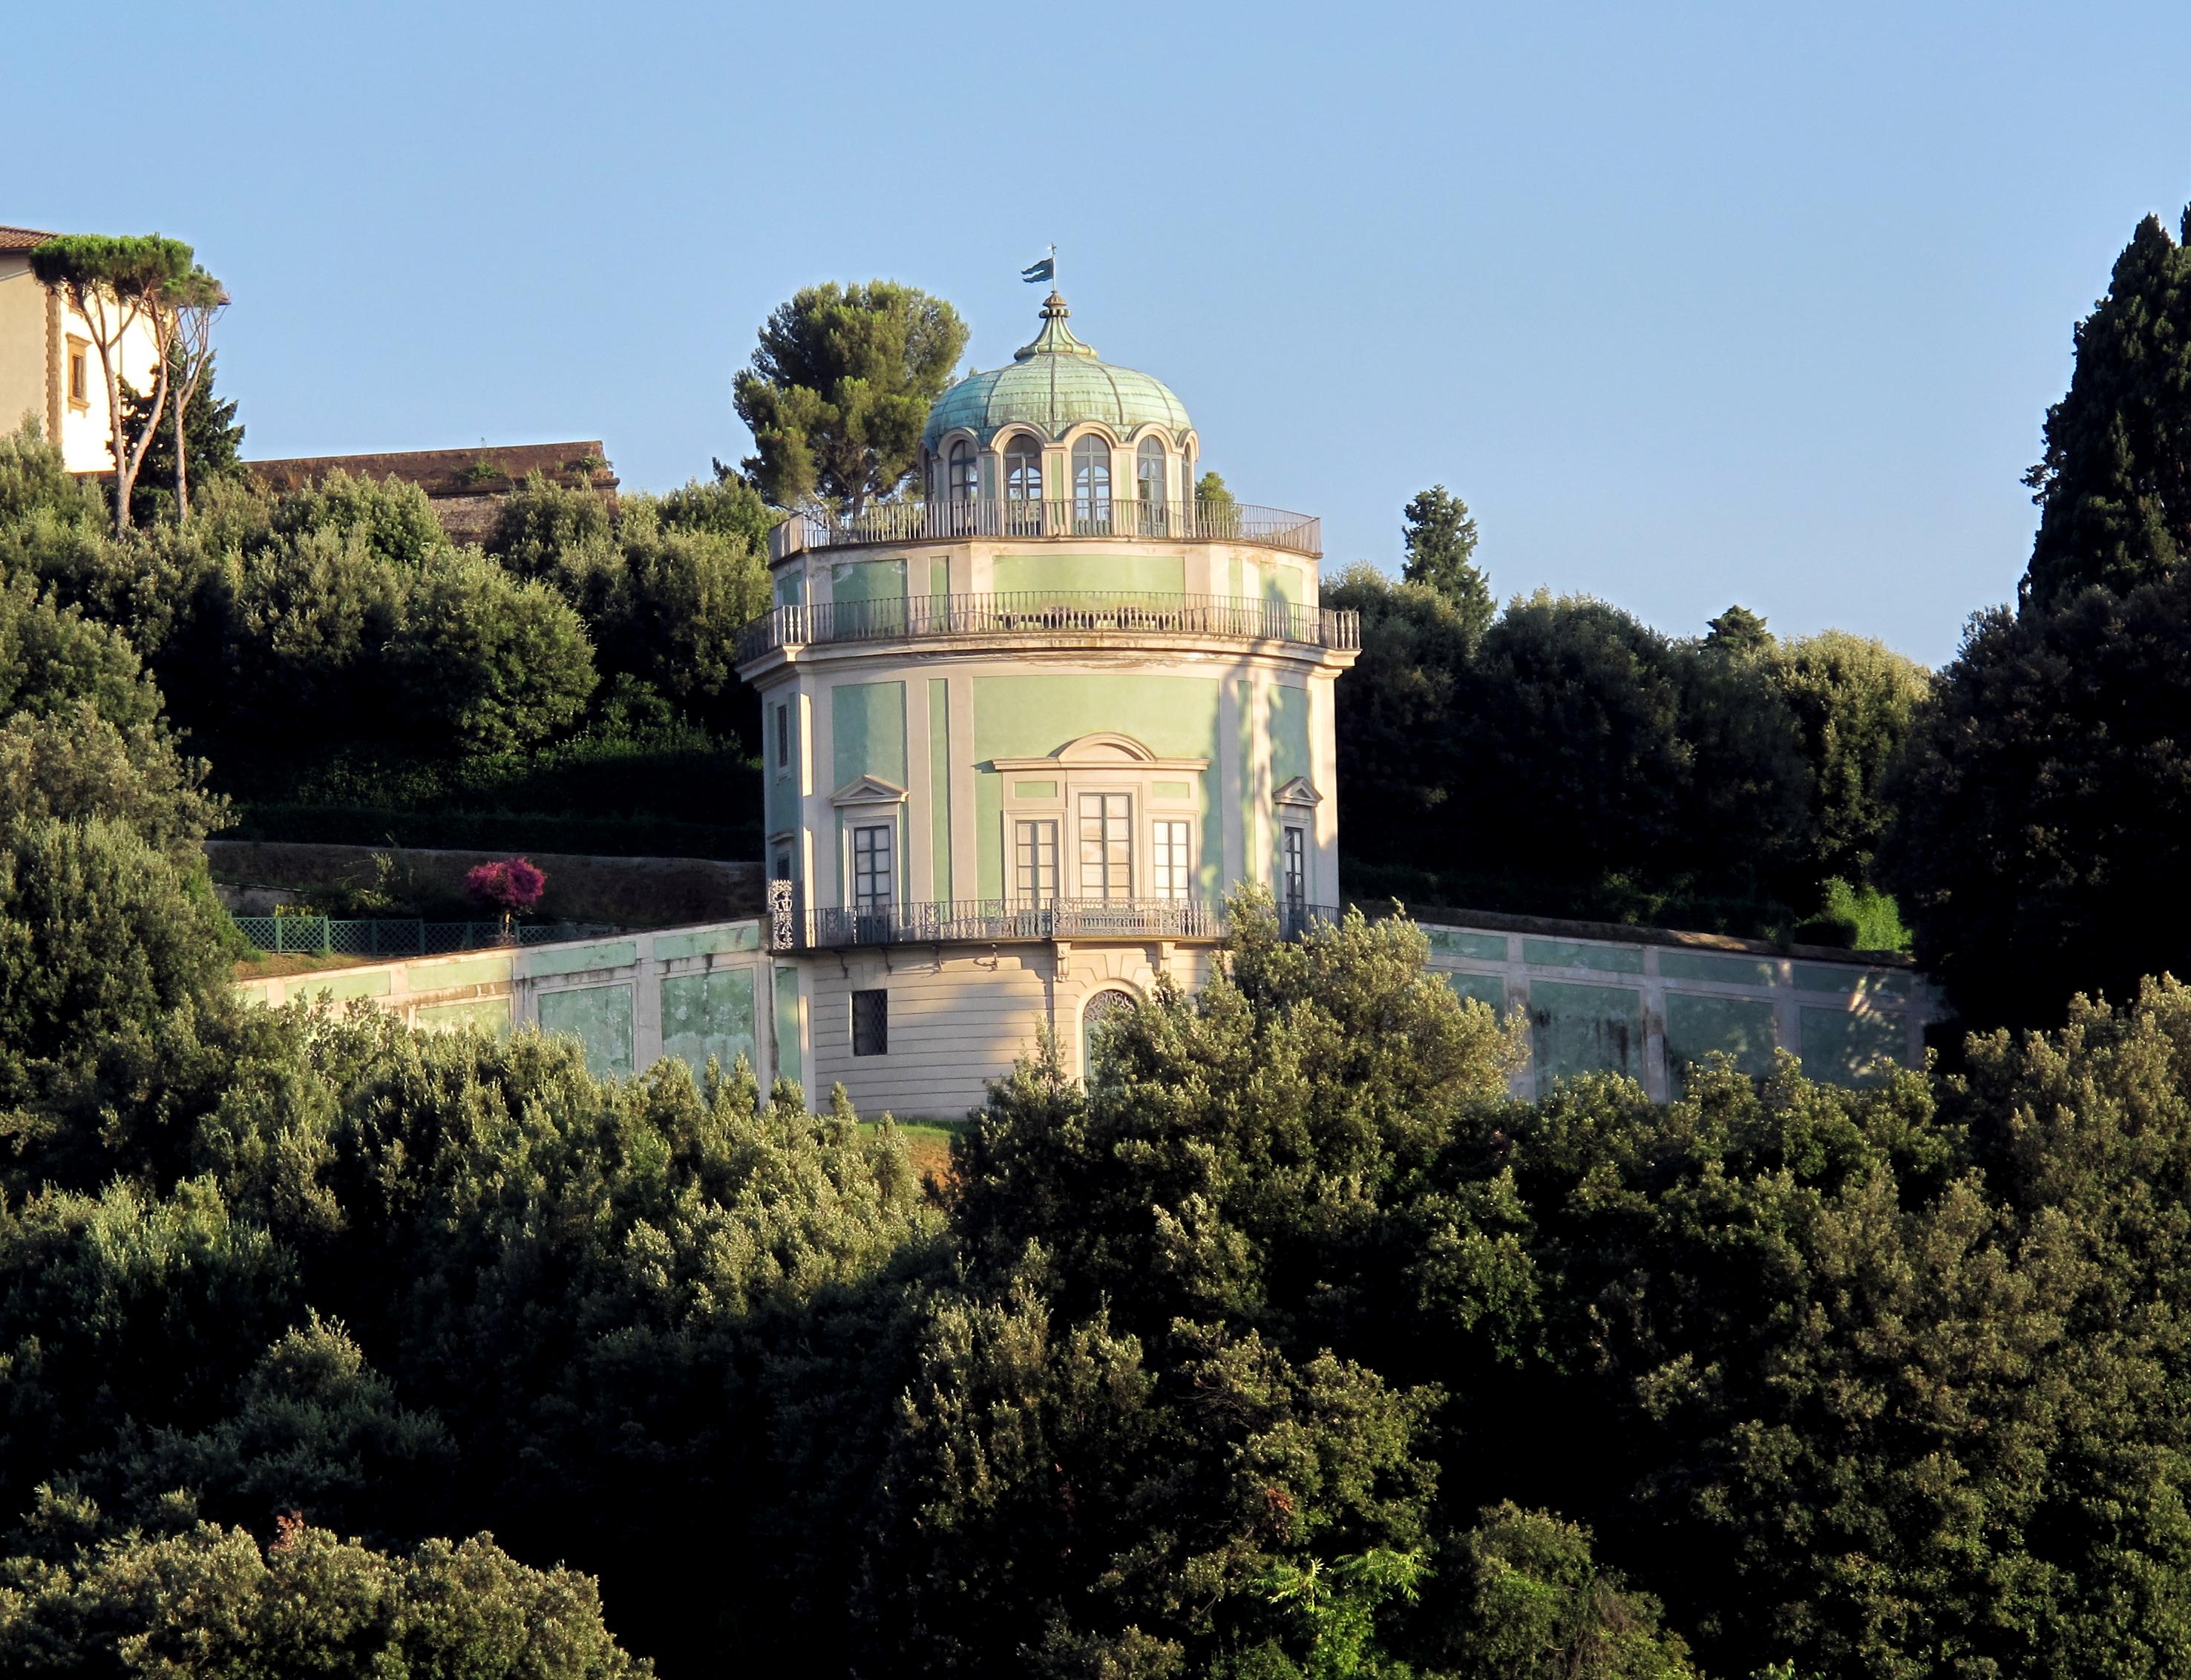 Veduta della Kaffeehaus del giardino di Boboli, Firenze